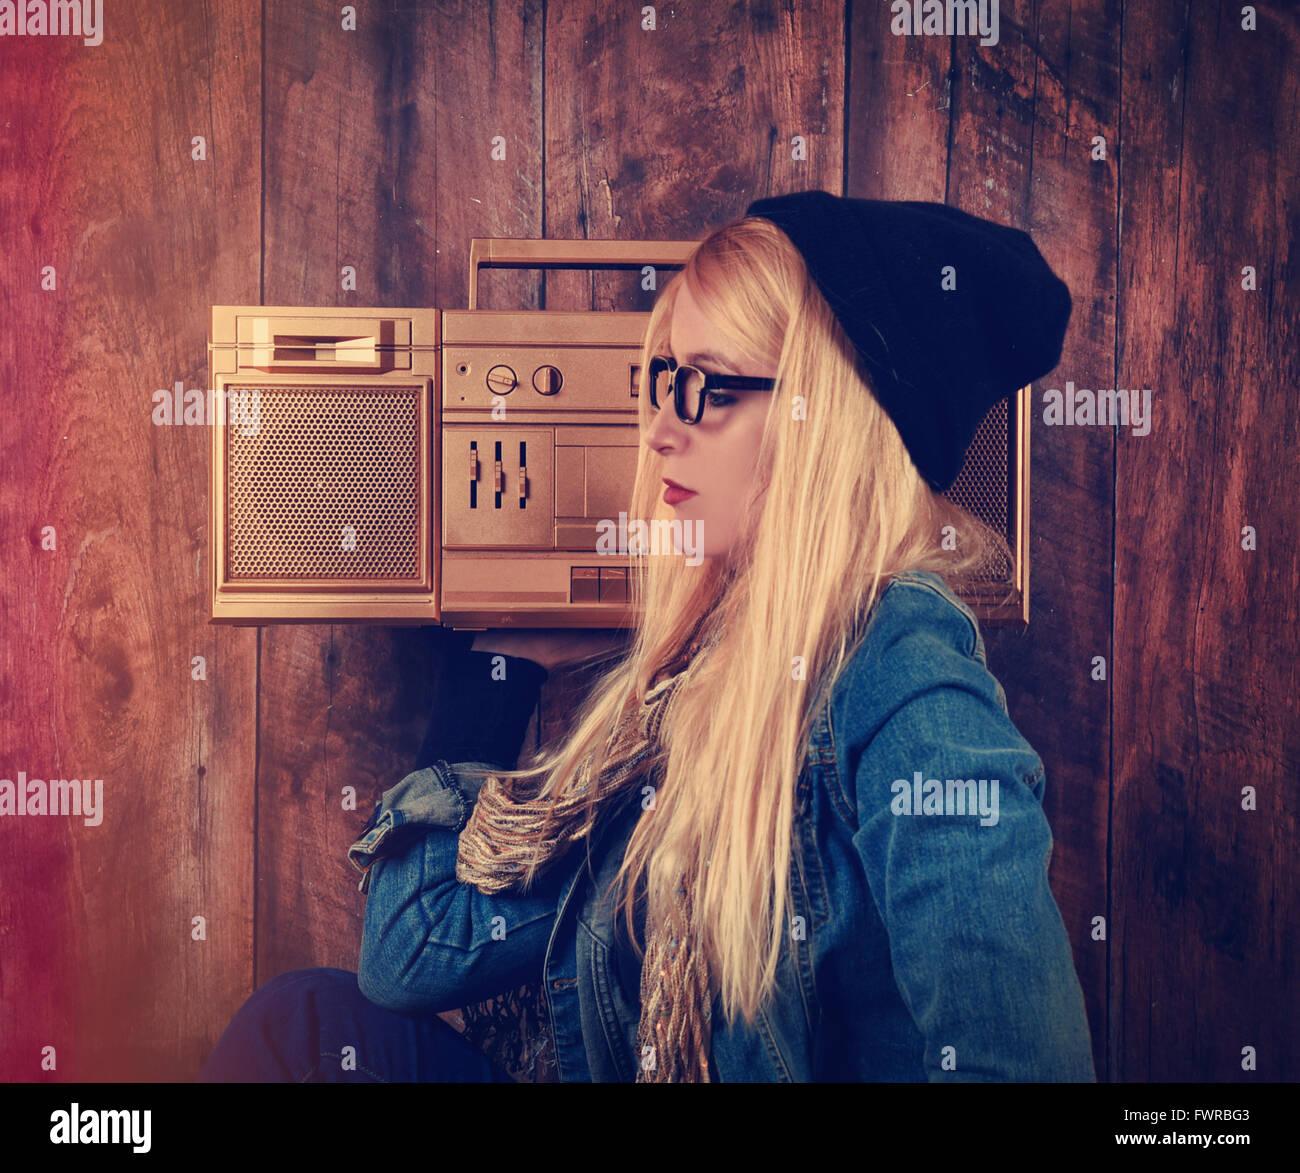 Un hipster girl avec des lunettes est l'écoute d'une radiocassette or vintage radio avec un orateur Photo Stock